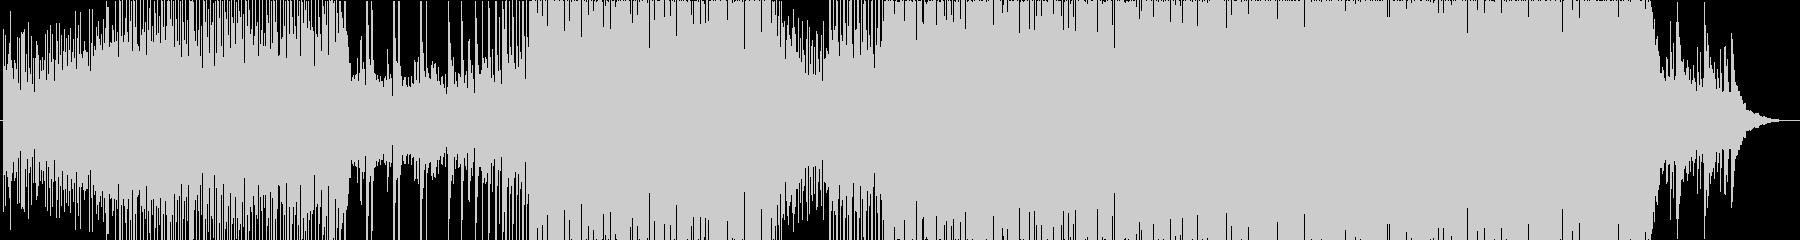 落ち着きのあるテクノポップサウンドの未再生の波形